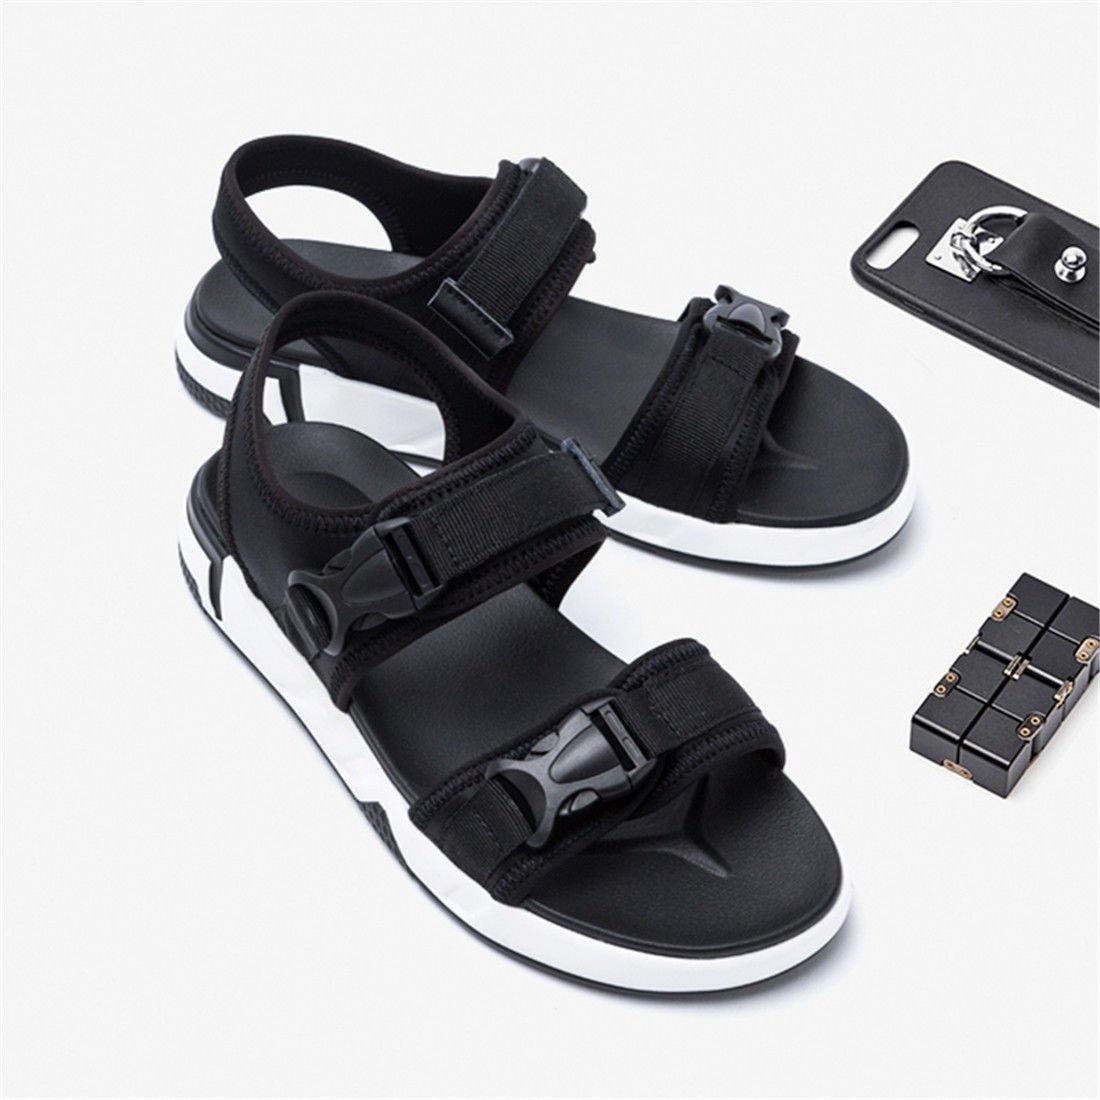 GCH Moda estate uomini pantofole scarpe spiaggia da spiaggia scarpe sandali,43,nero nero 39d9c1